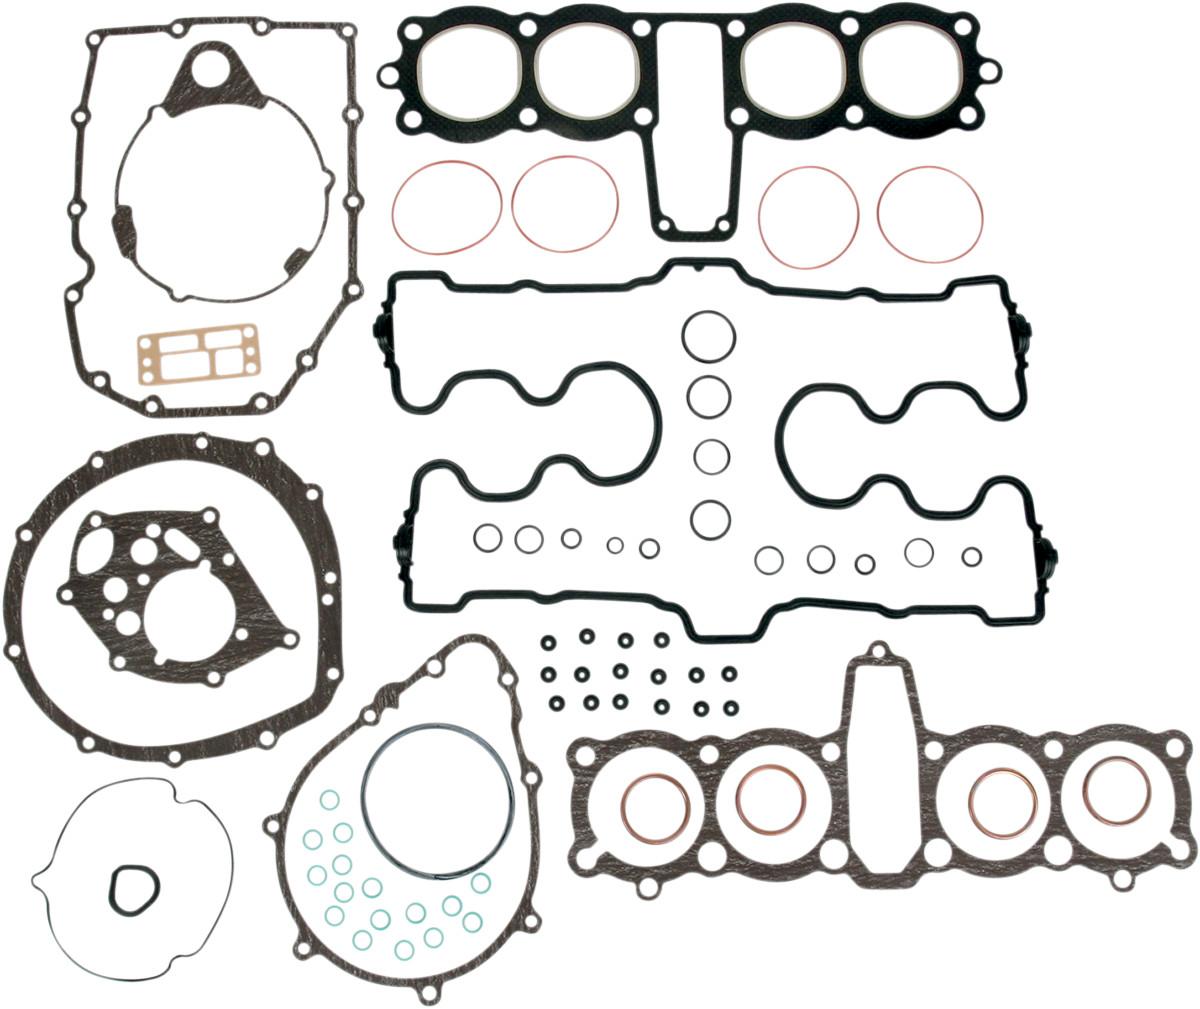 Vesrah Complete Engine Gasket Kit for Honda CB 750 79-83